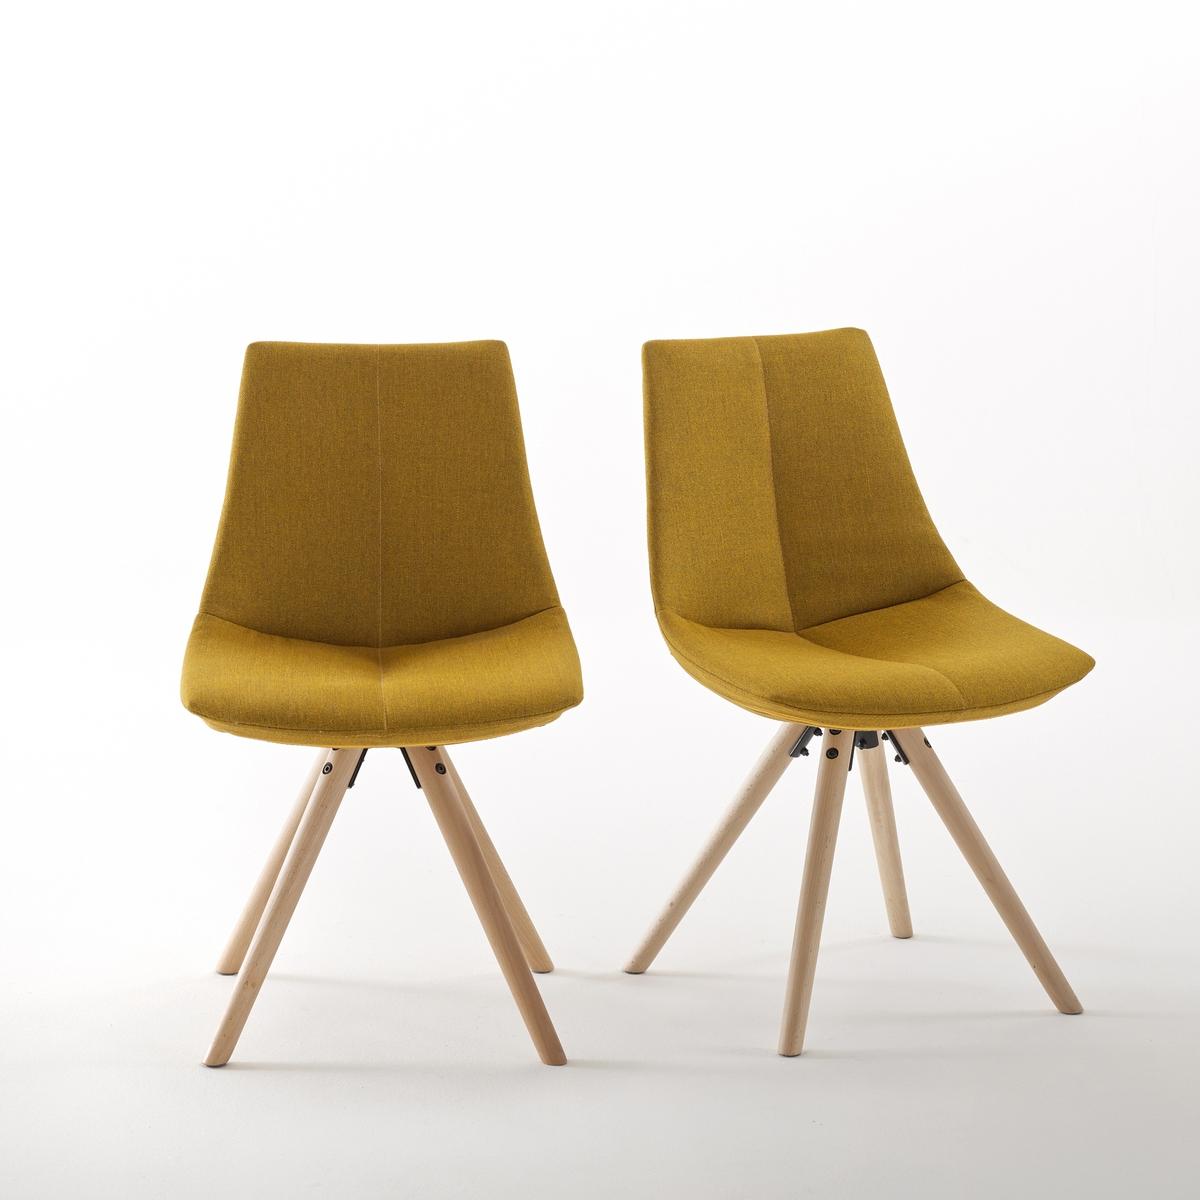 Комплект из 2 мягких стульев Asting2 мягких стула Asting. Очень стильный дизайн с графическими перспективами стульев Asting, которые обладают неоспоримым комфортом. Характеристики мягких стульев Asting :Тканевое покрытие, 100% полиэстера.Сиденье из полипропилена с наполнителем из 100% пенополиуретана плотностью 24 кг/м?.Ножки из массива бука с покрытием нитроцеллюлозным лаком. Откройте для себя табуреты и другие модели коллекции Asting на сайте laredoute.ru.Размер мягких стульев Asting:Общие :Длина :  48 смВысота : 81,5 смГлубина :  54 смСиденье : В 45 смРазмеры и вес упаковки :1 упаковкаШ 61 x В 50 x Г 51 см14,1 кгДоставка :Мягкие стулья Asting продаются в разобранном виде. Стулья доставляются до квартиры по предварительной заявке !Внимание ! Убедитесь, что товар возможно доставить на дом, учитывая его габариты (проходит в двери, по лестницам, в лифты).<br><br>Цвет: желтый горчичный